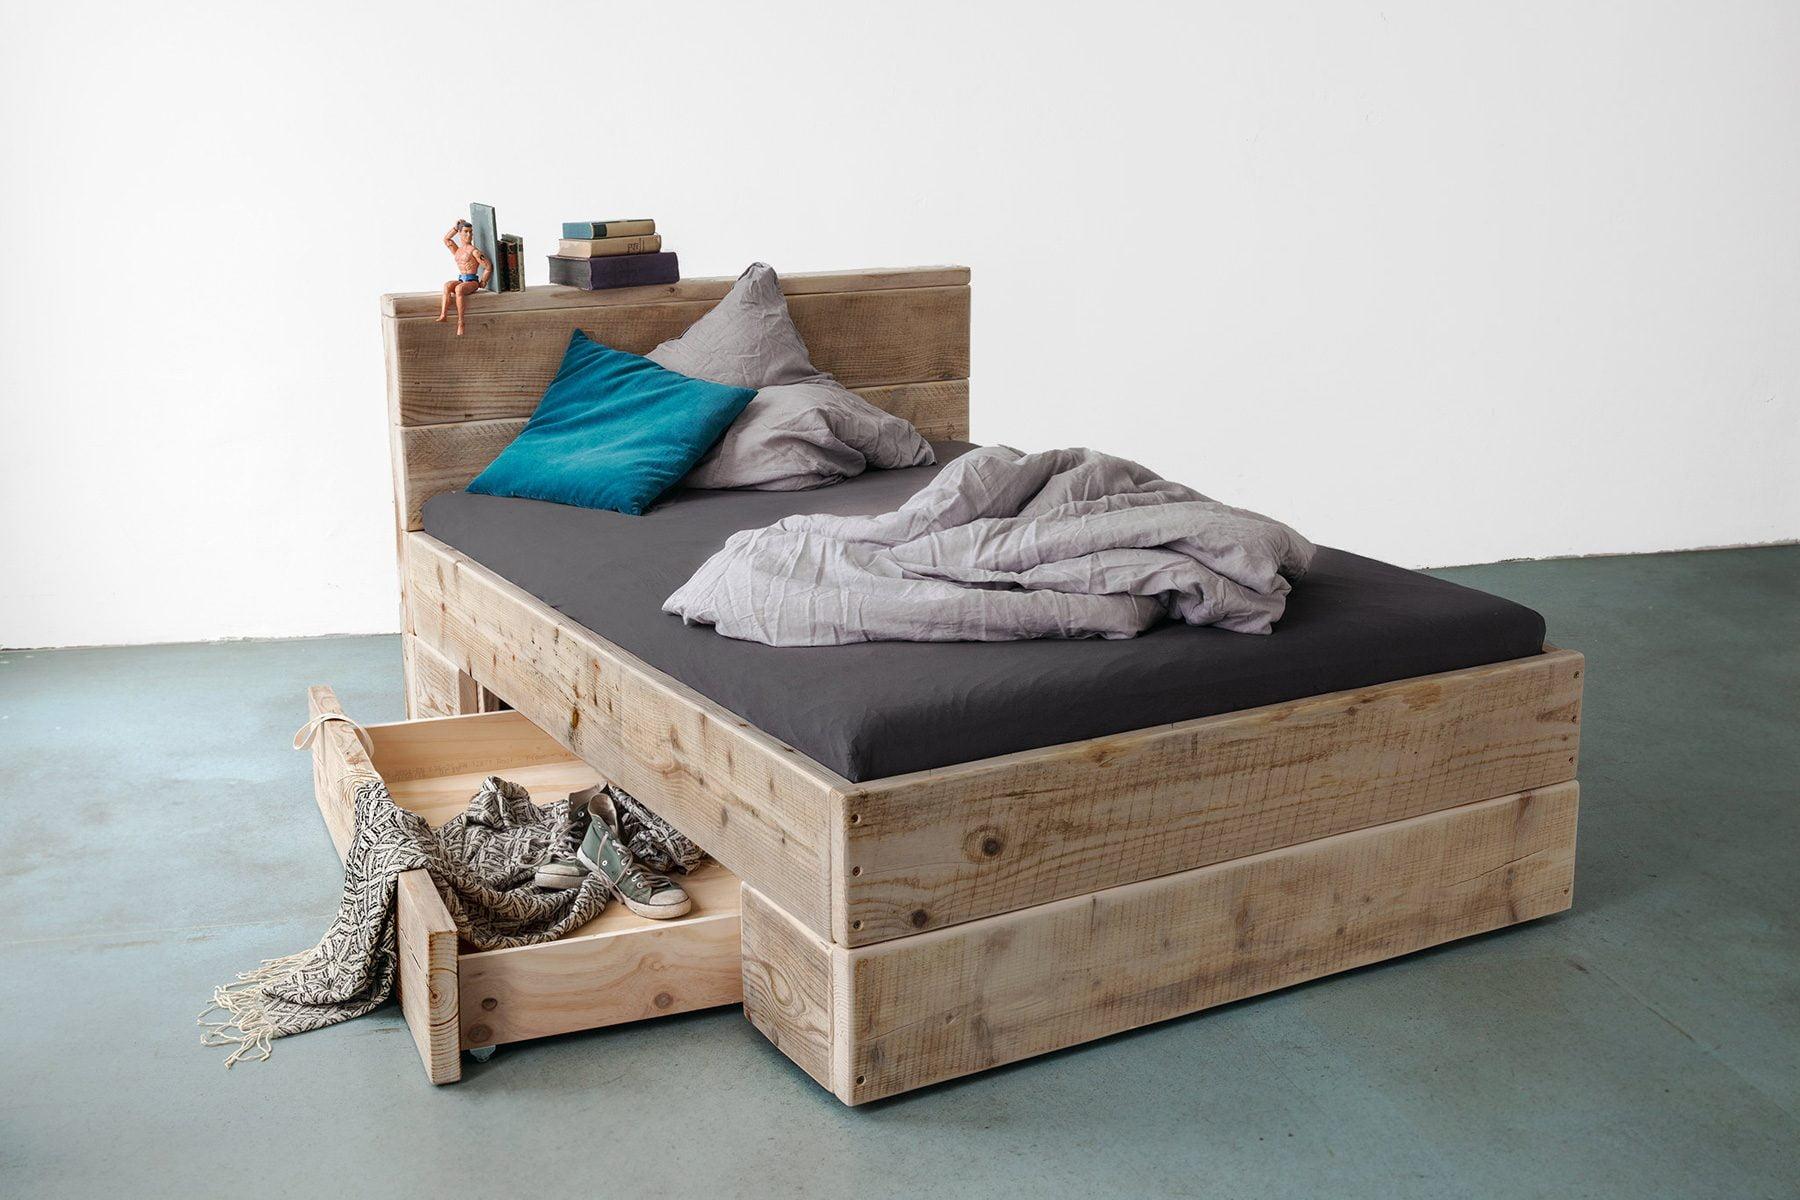 Stauraumbett großes Bett Doppelbett Ehebett Bettkasten Schubladen Massivhoz ales bauholz UpCycle Berlin Lehne Kopfteil